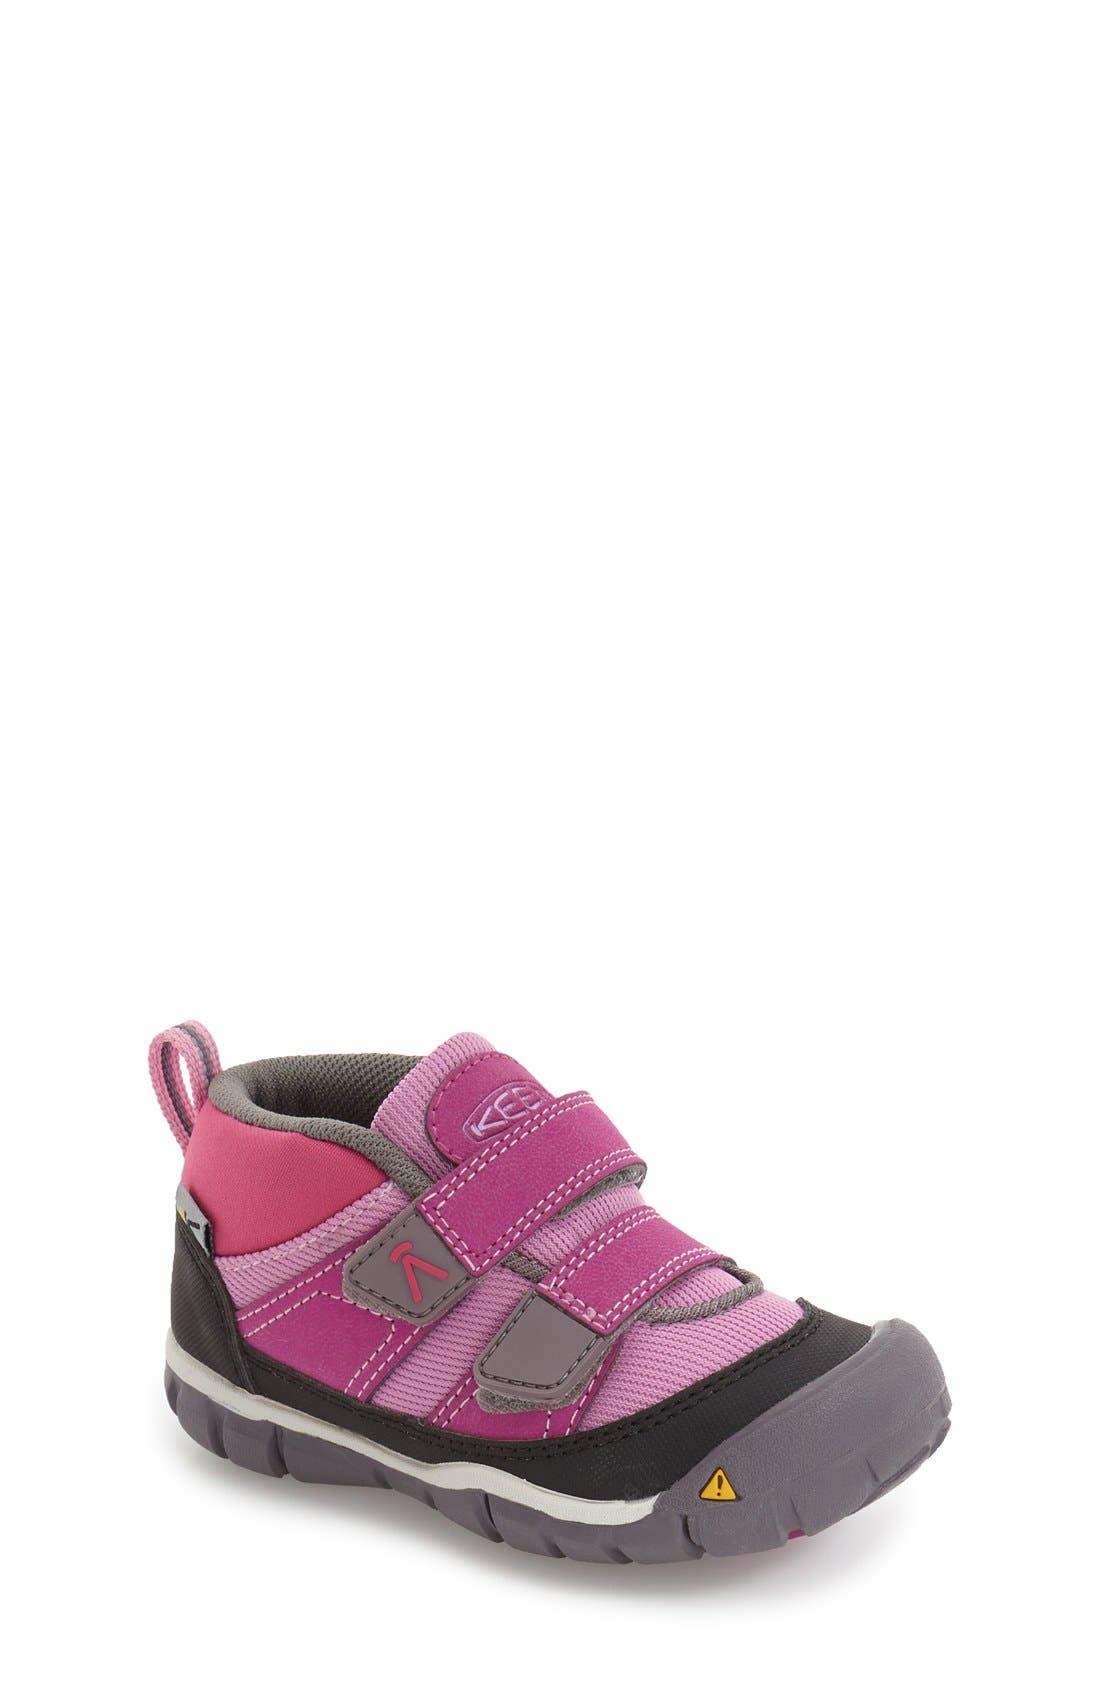 Main Image - Keen Peek-a-Shoe Sneaker (Walker & Toddler)